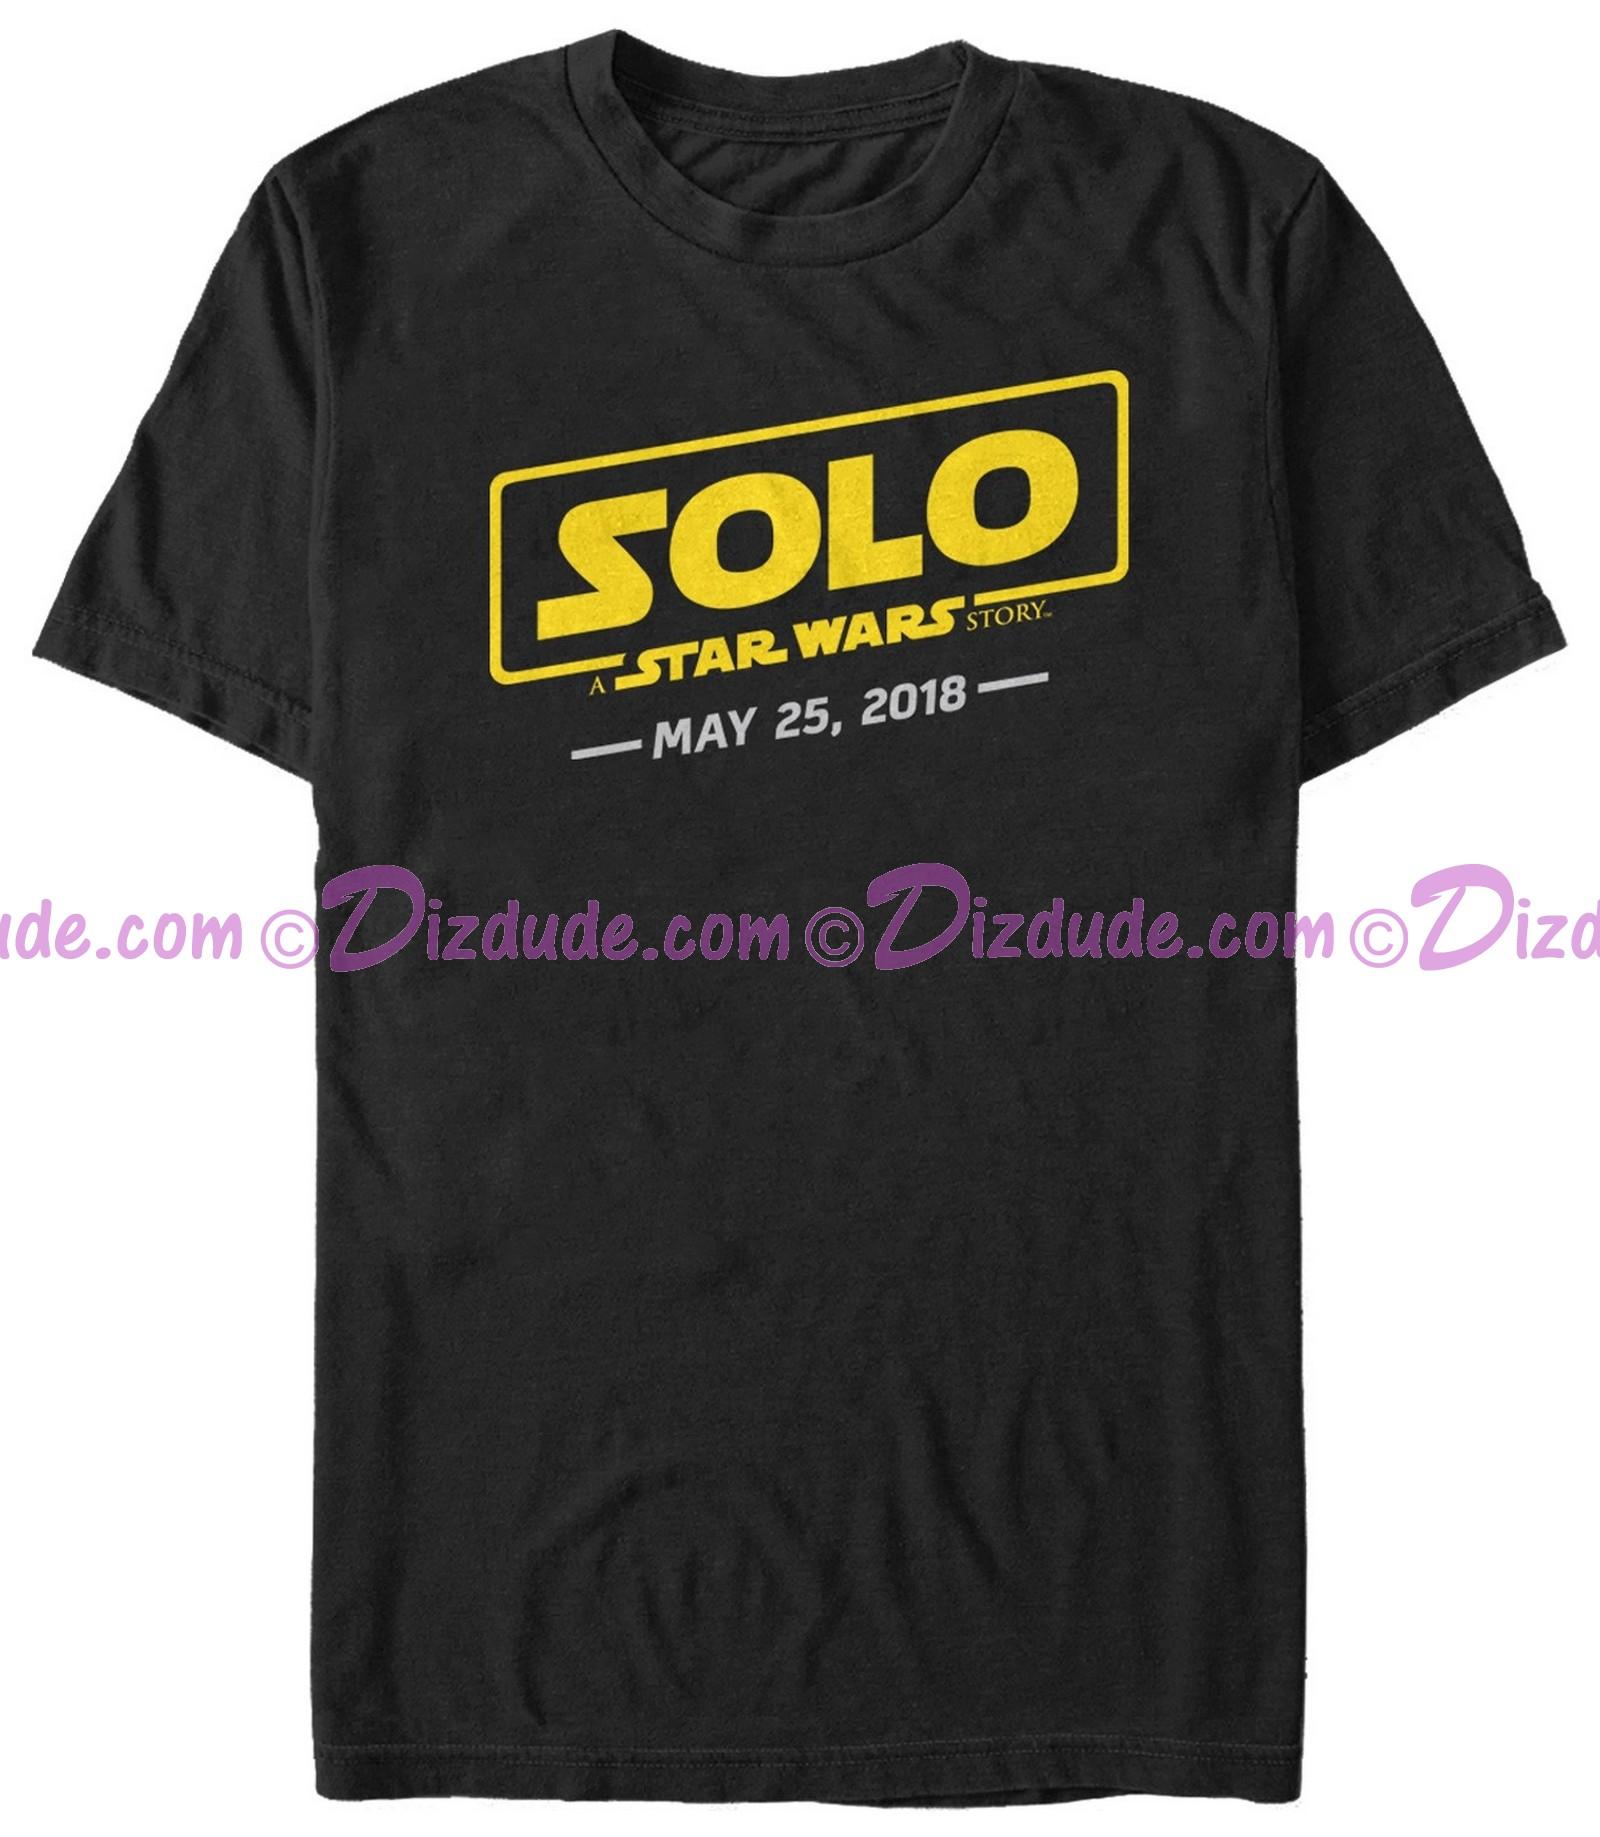 SOLO A Star Wars Story Logo Scrawl Adult T-Shirt (Tshirt, T shirt or Tee)  © Dizdude.com